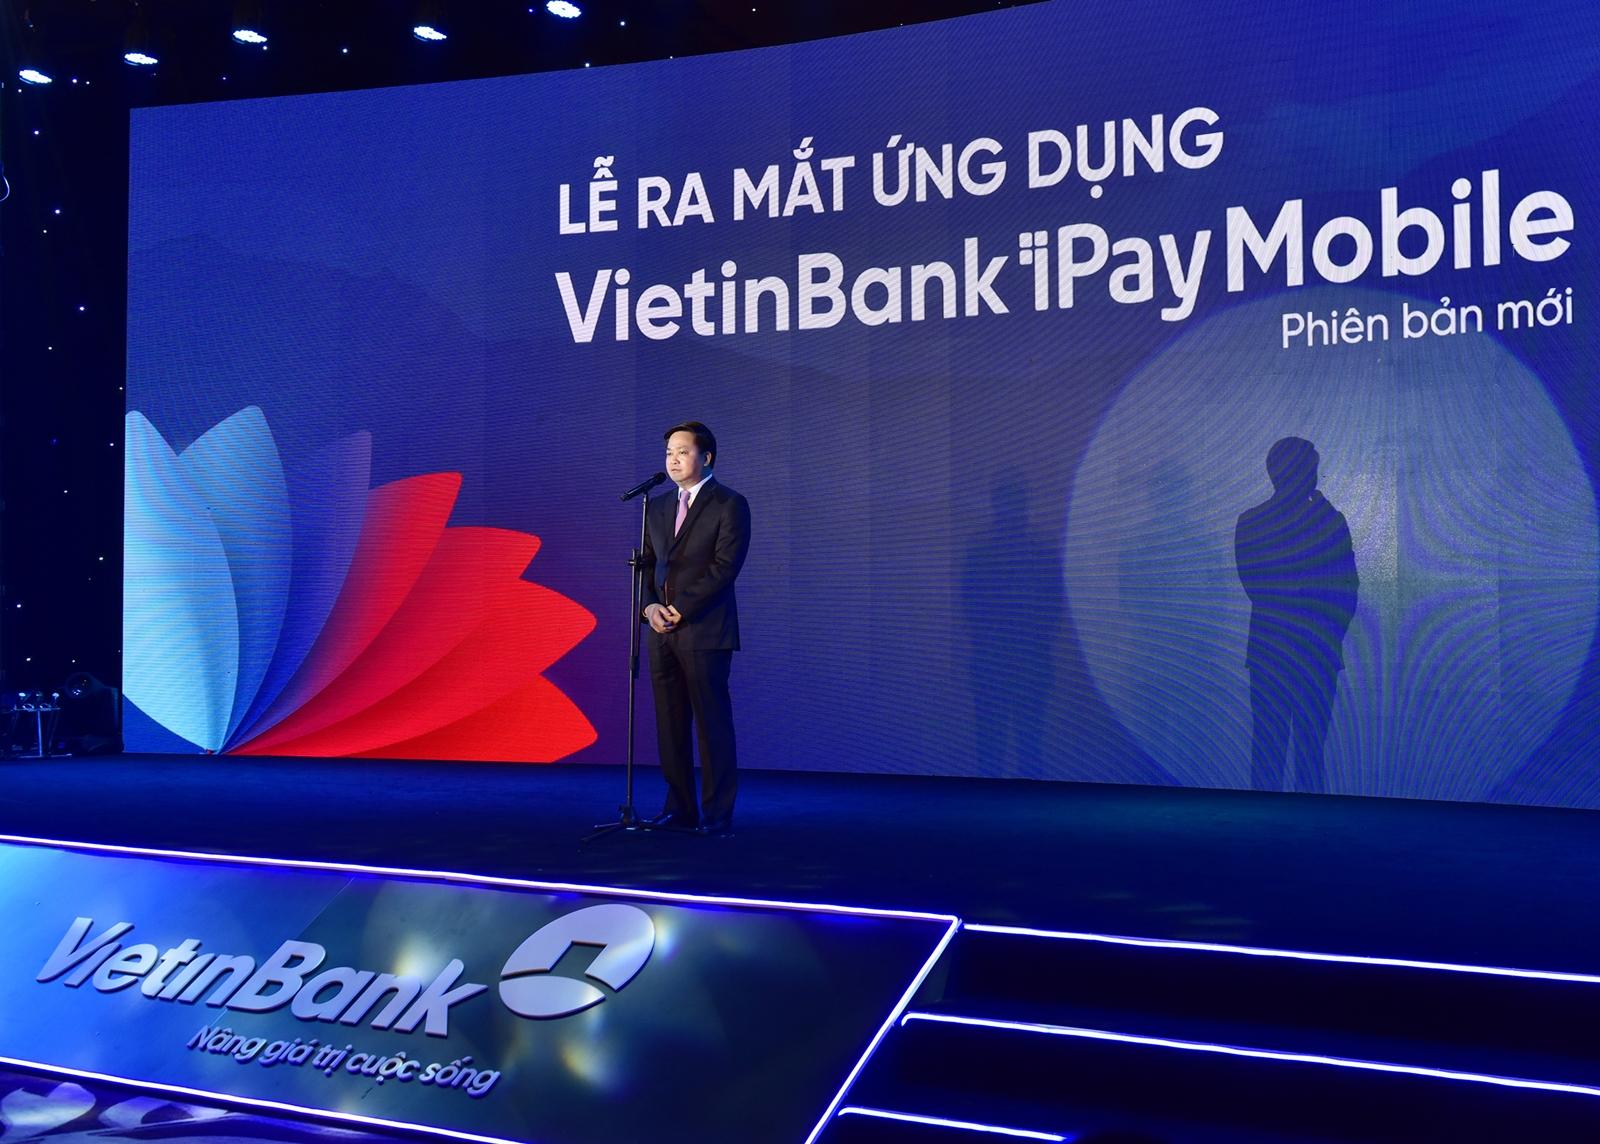 Tận hưởng cuộc sống số cùng VietinBank iPay Mobile phiên bản 5.0  - Ảnh 1